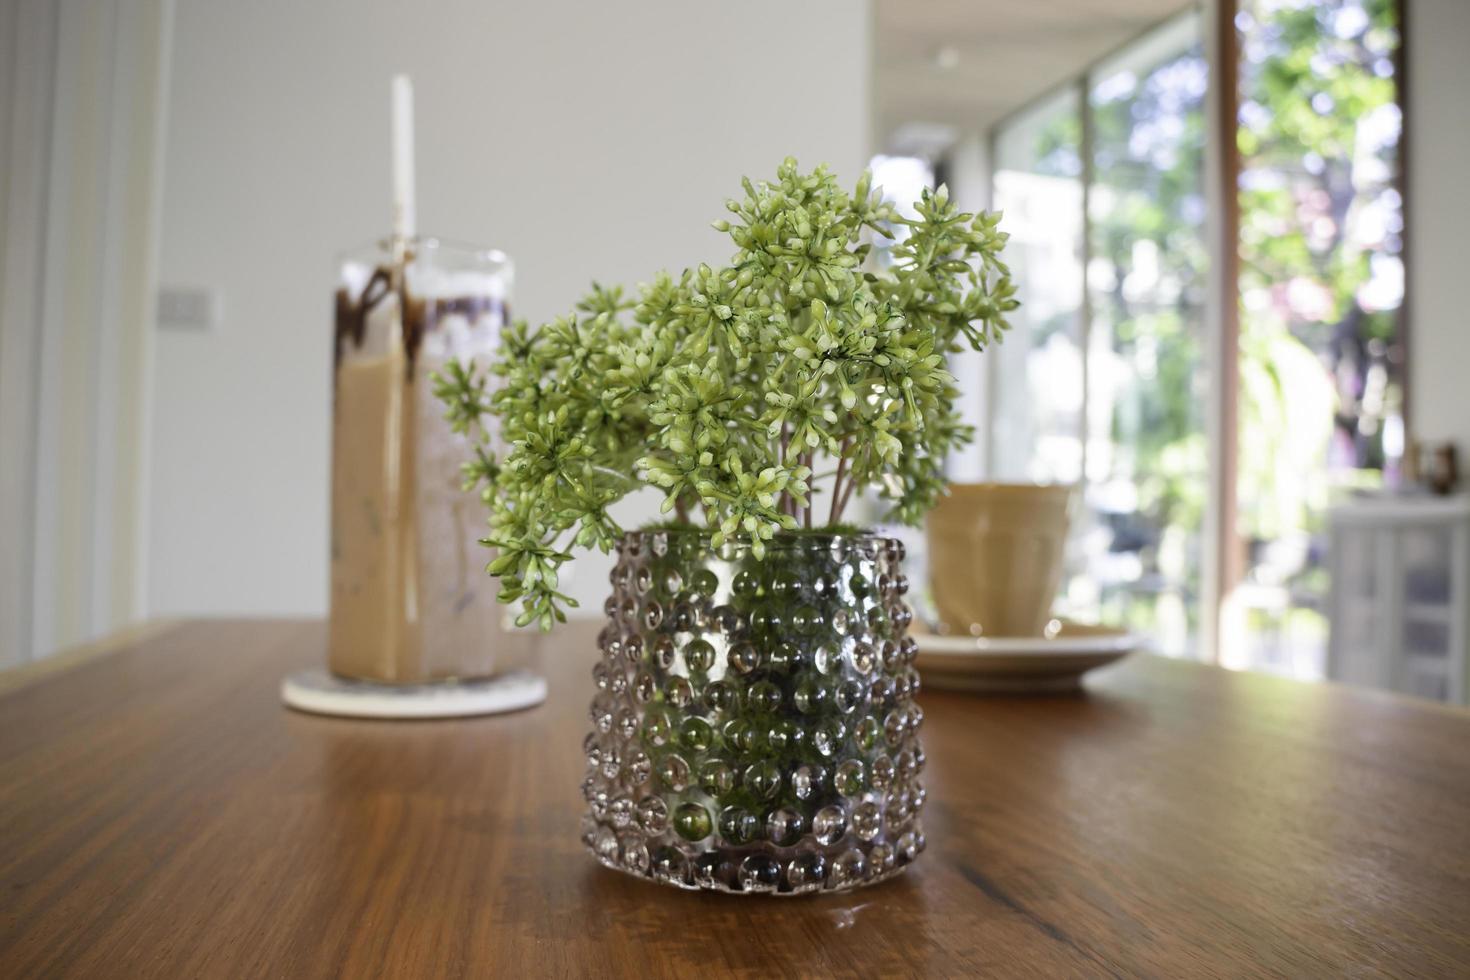 Pflanze auf einem Coffeeshop-Tisch foto